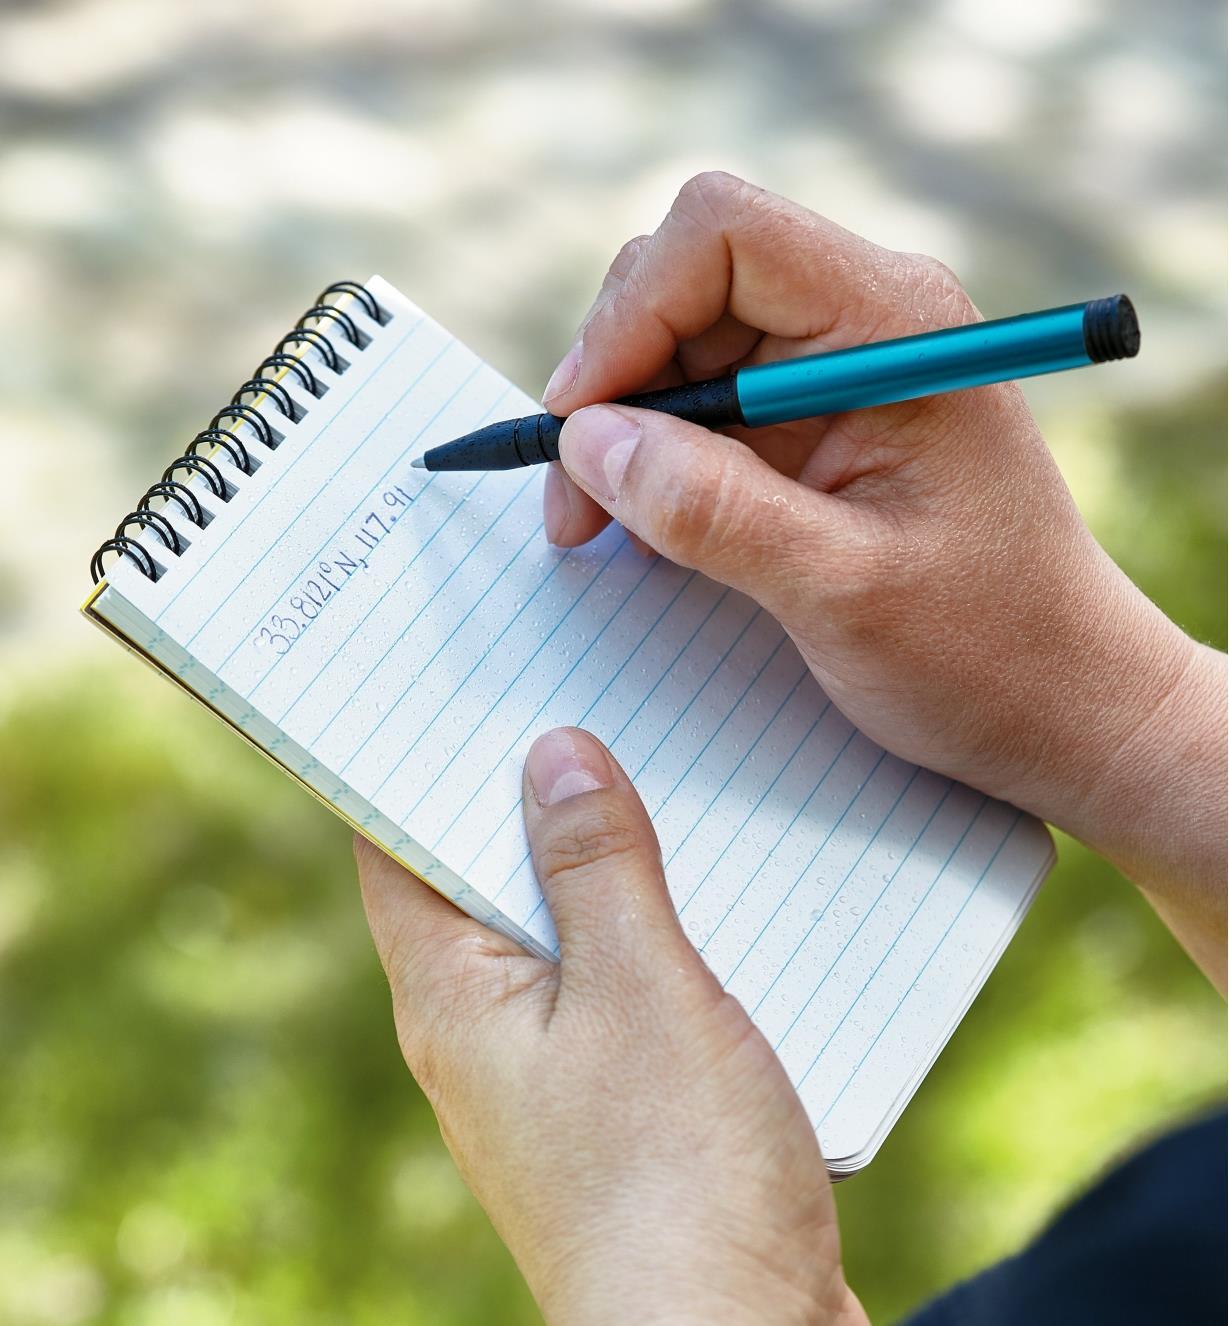 Personne écrivant dans un calepin avec le stylo d'aventurier Inka bleu